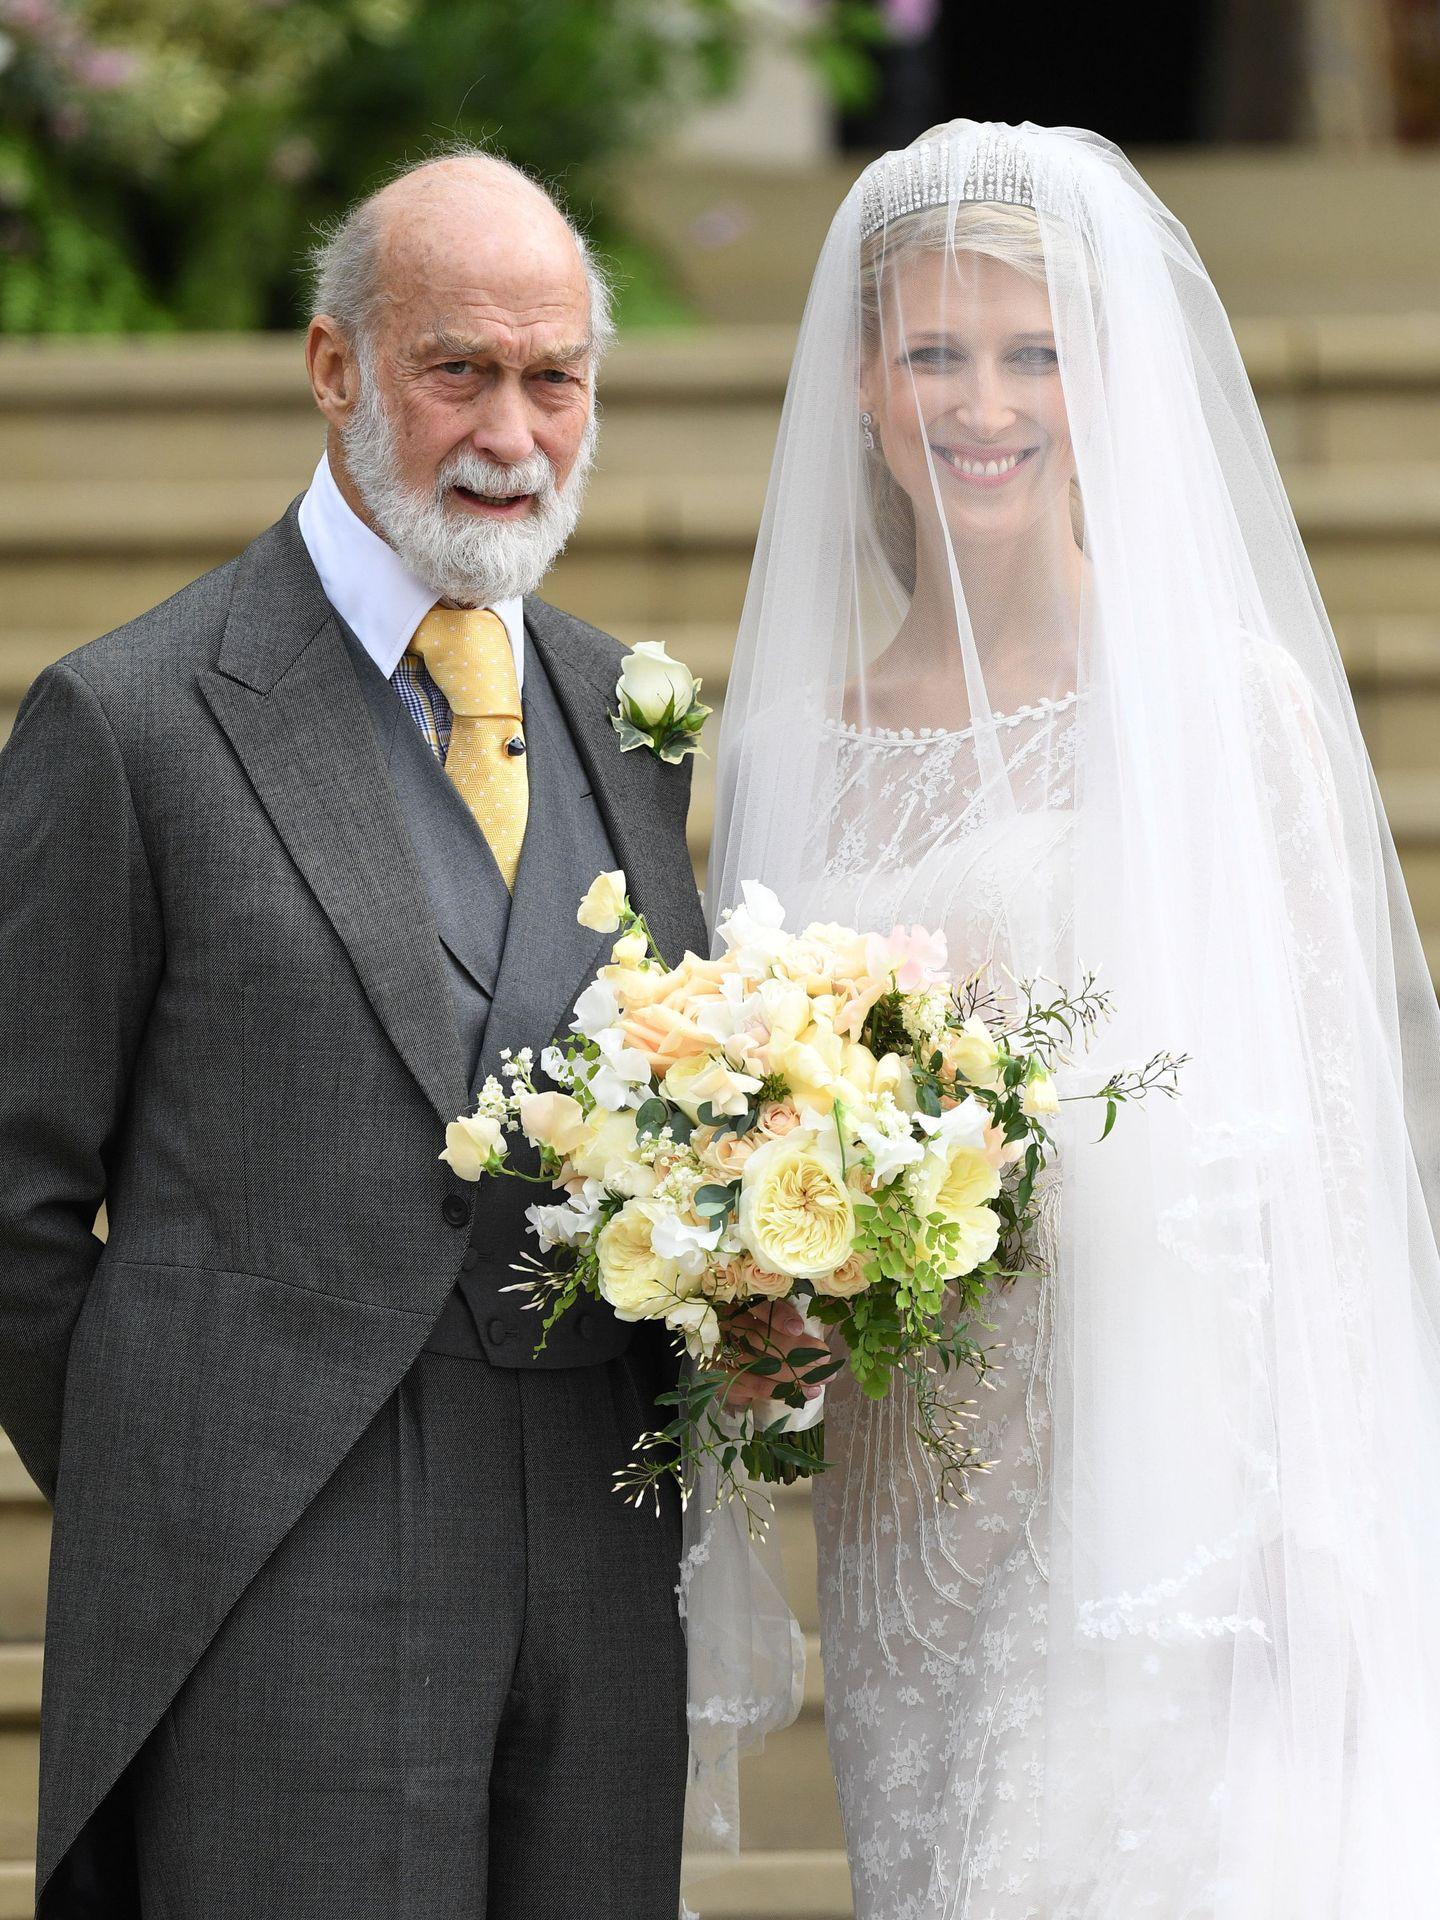 El príncipe Michael de Kent, en la boda de su hija Gabriella. (Reuters)